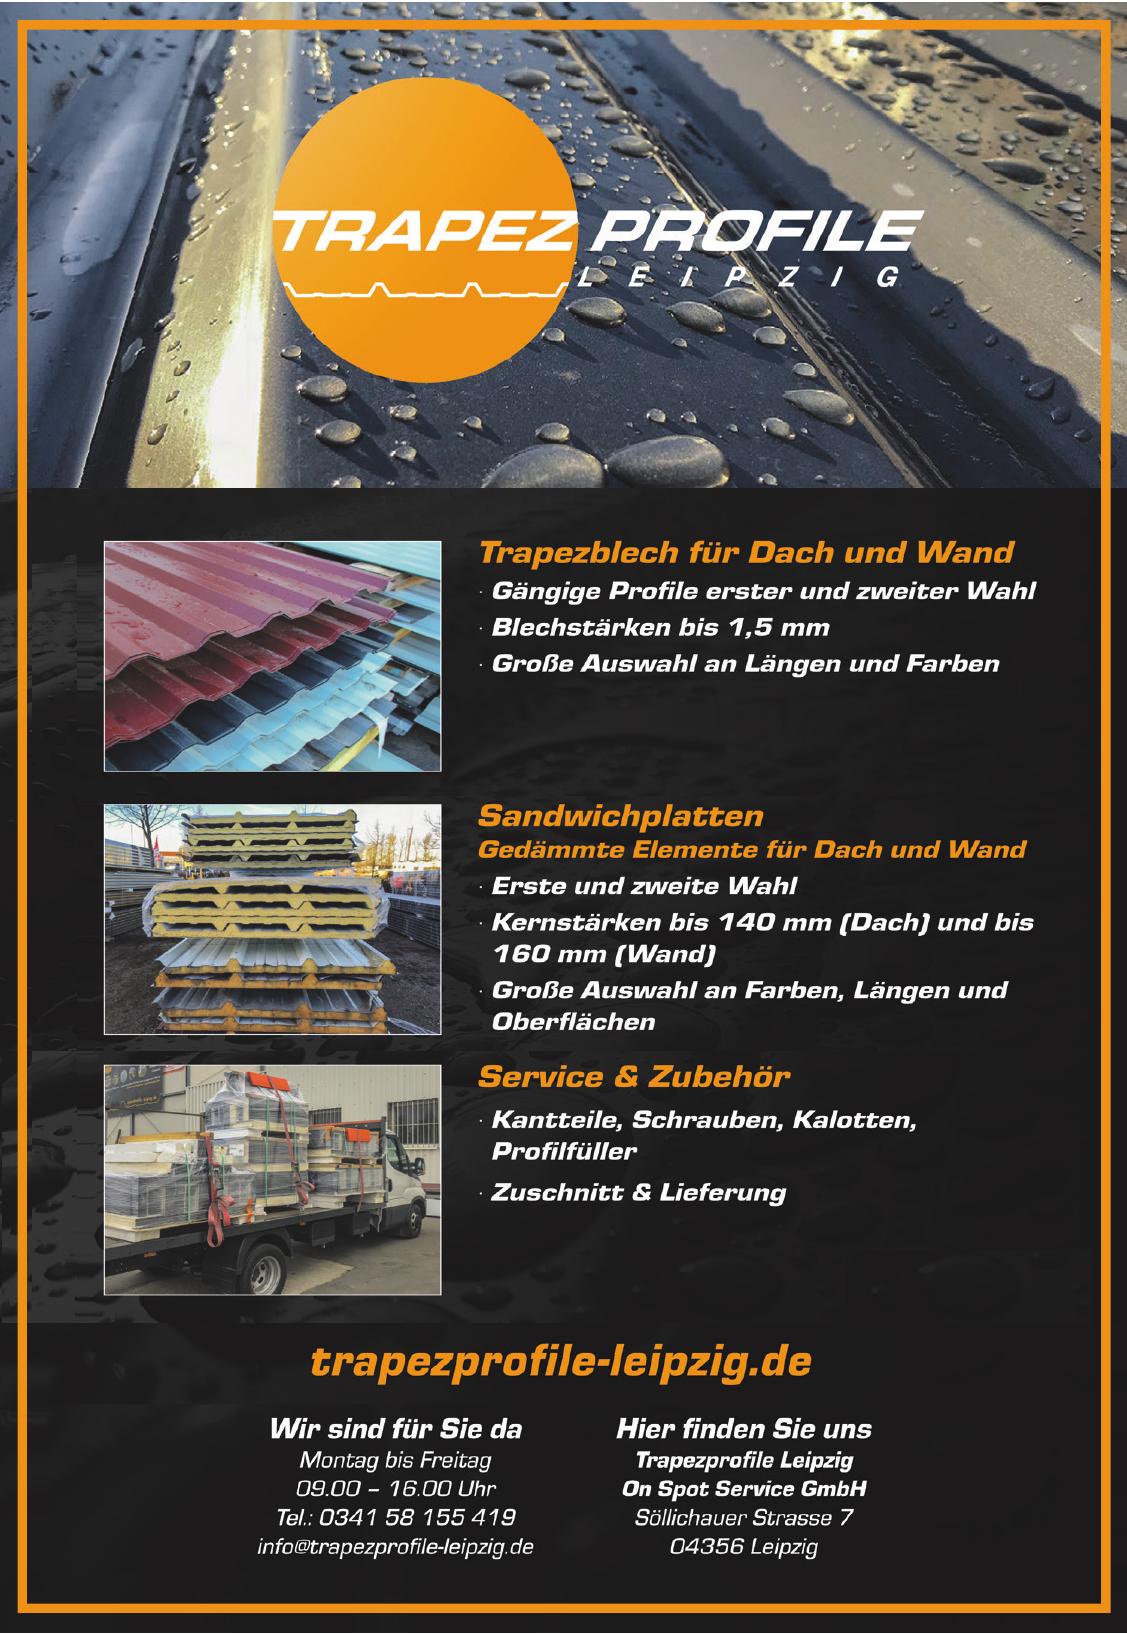 Trapez Profile Leipzig